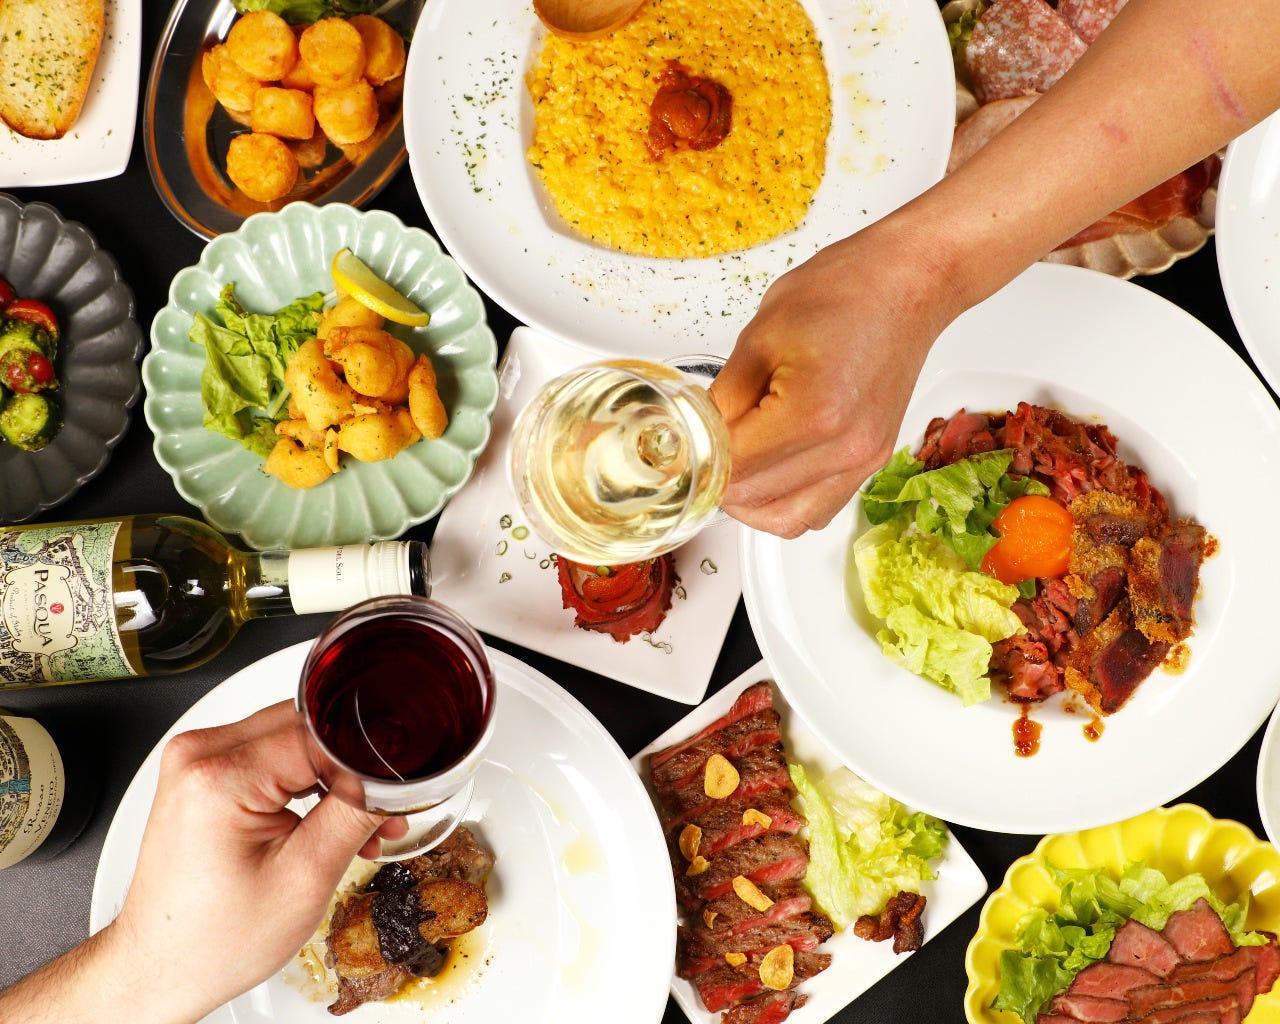 生ハム&サラミやピッツァ、パスタが楽しめるパーティーコース